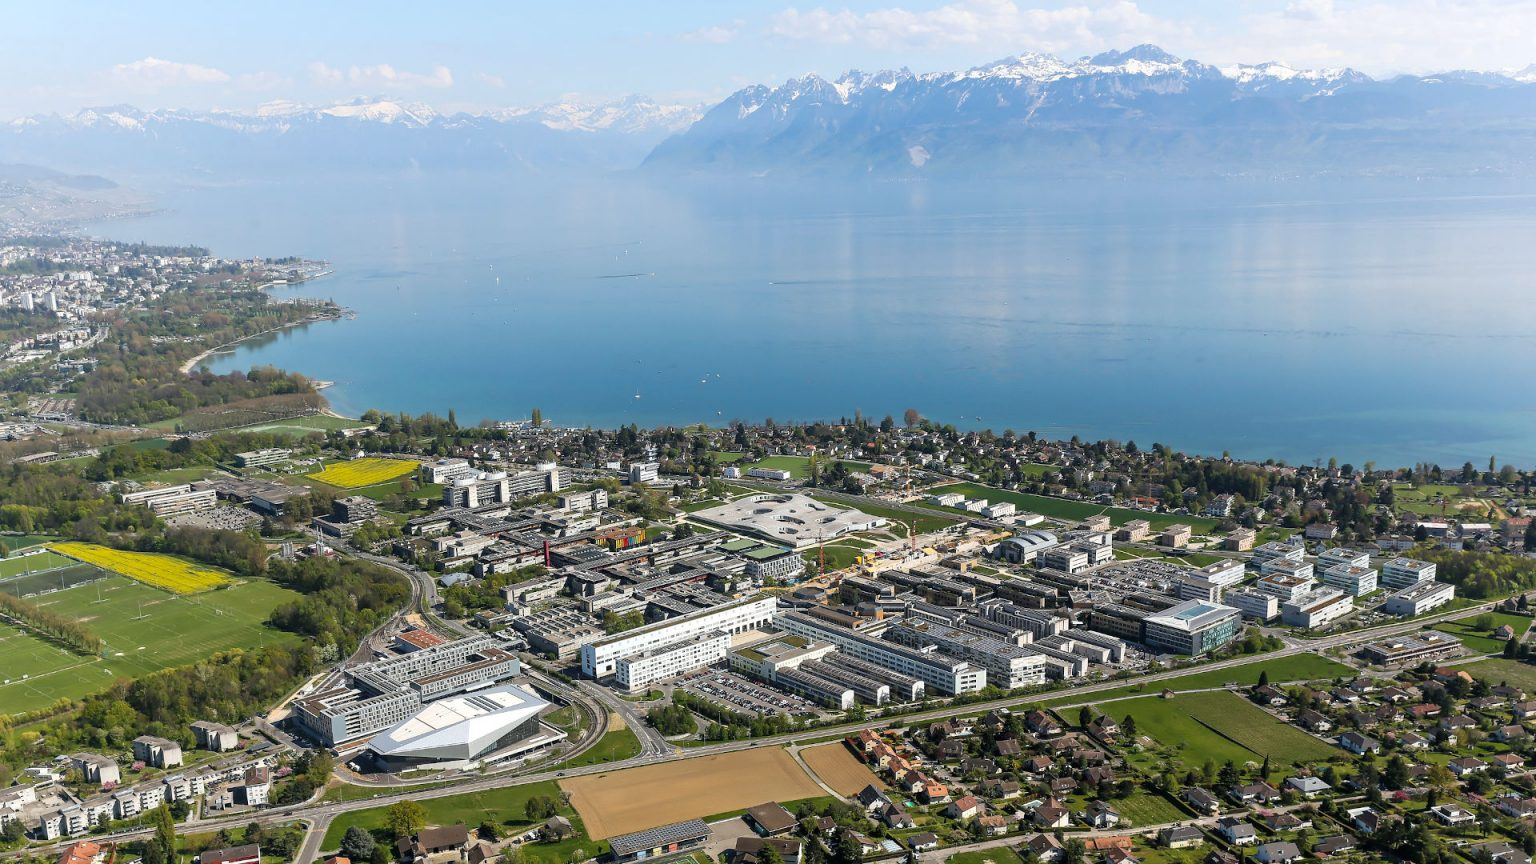 EPFL Lausanne buildings